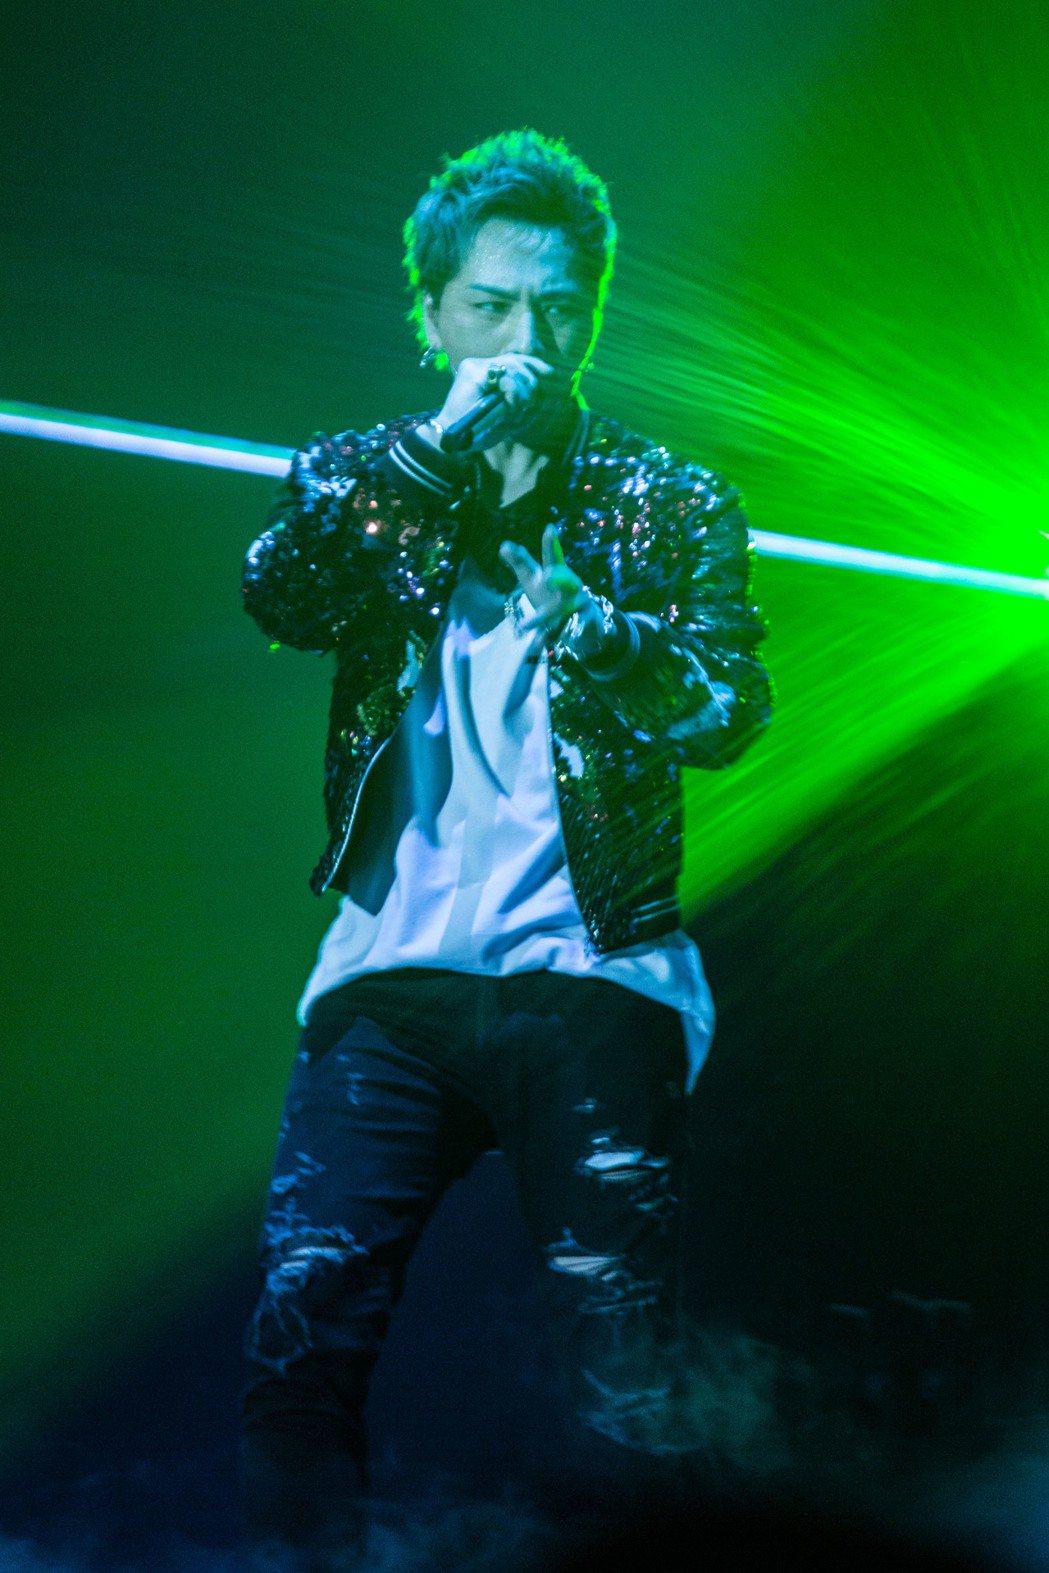 登坂廣臣透過燈光展現華麗舞台效果。圖/愛貝克思提供